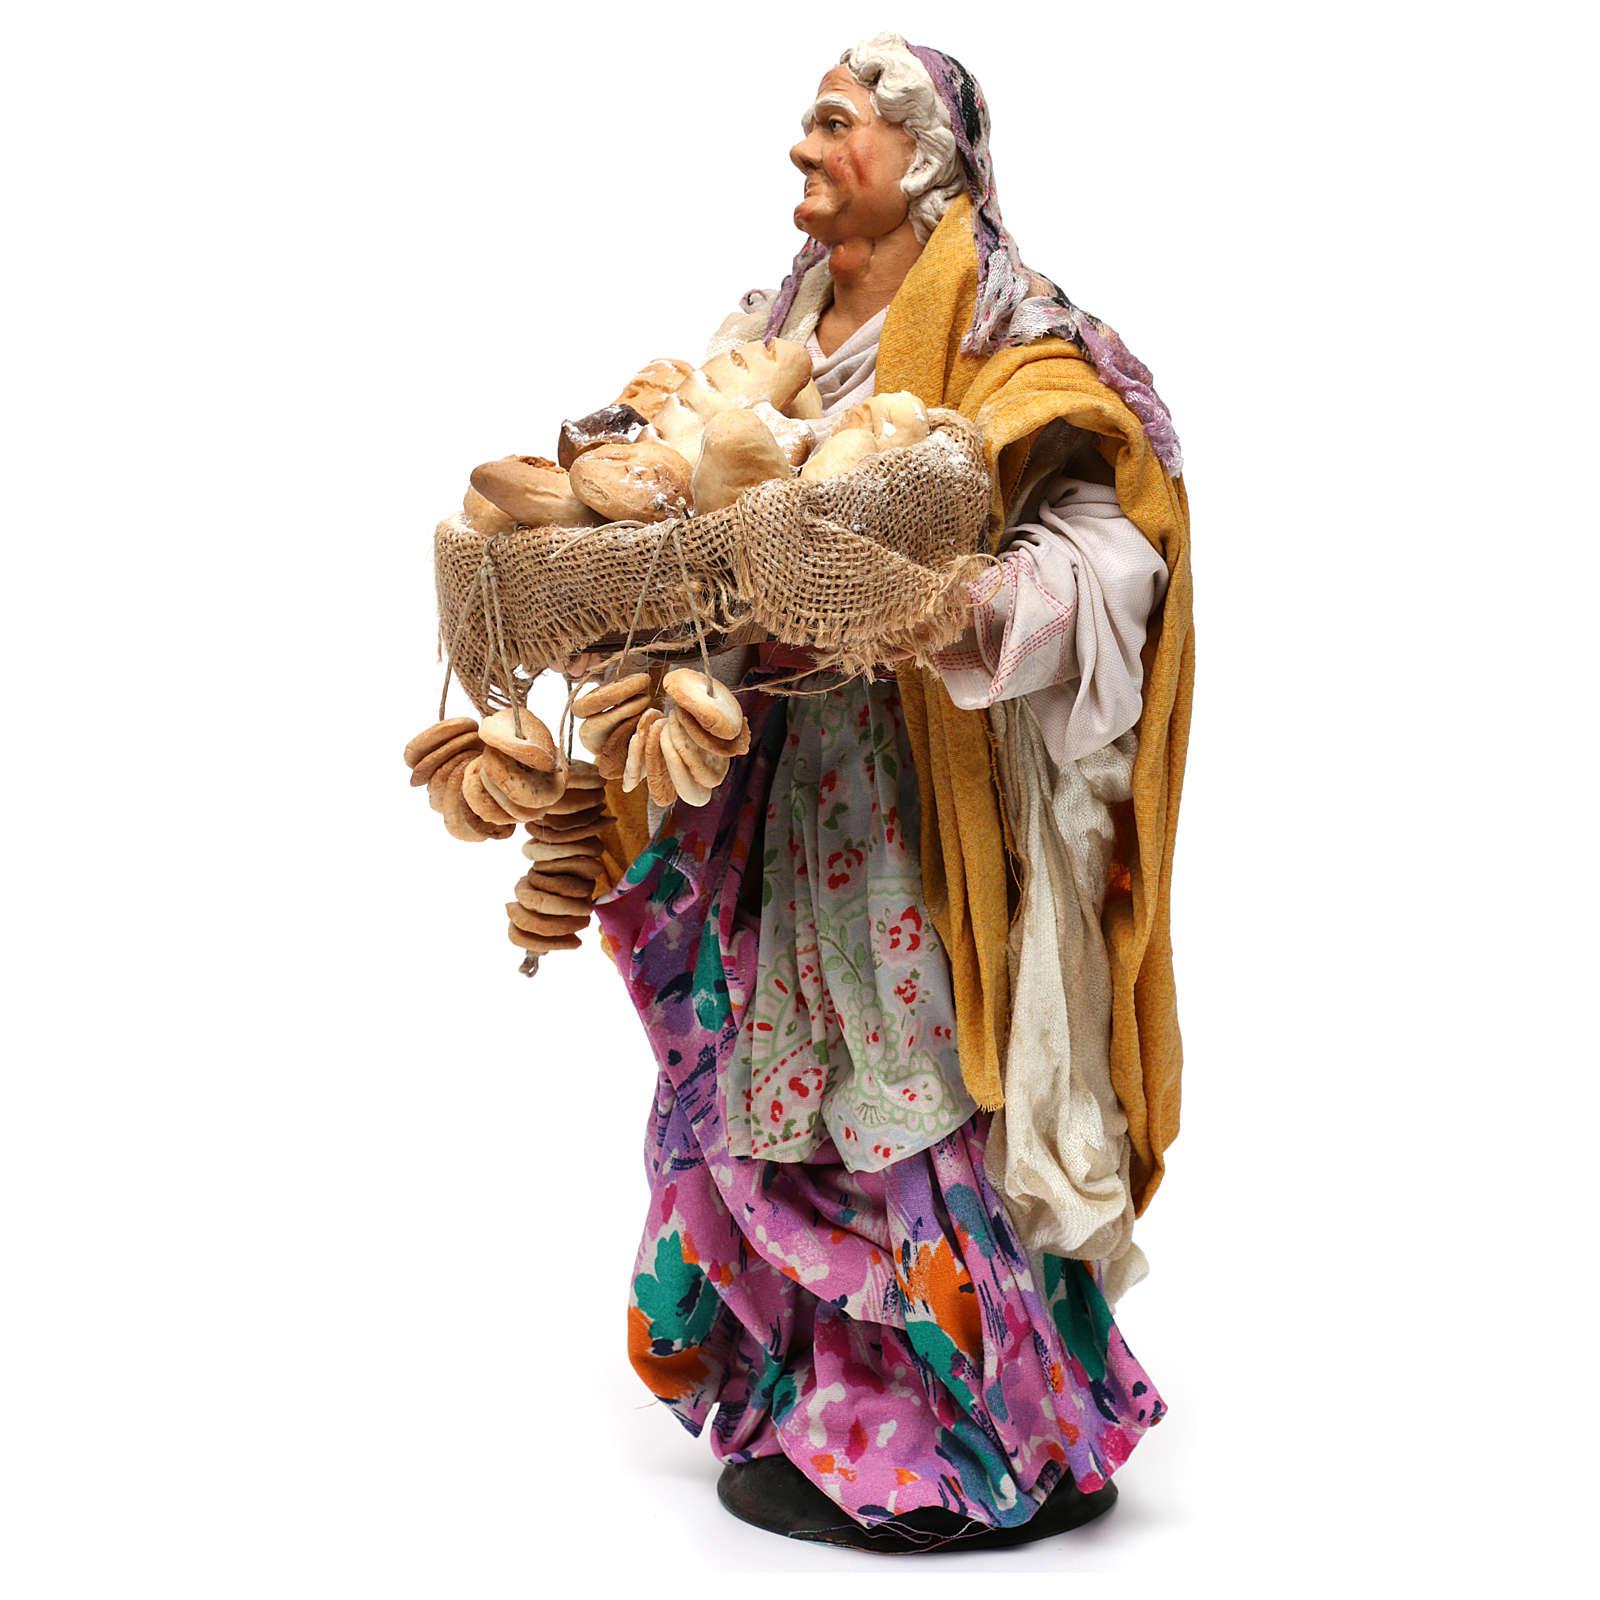 Vecchia con pagnotte per presepe Napoli stile '700 di 35 cm 4